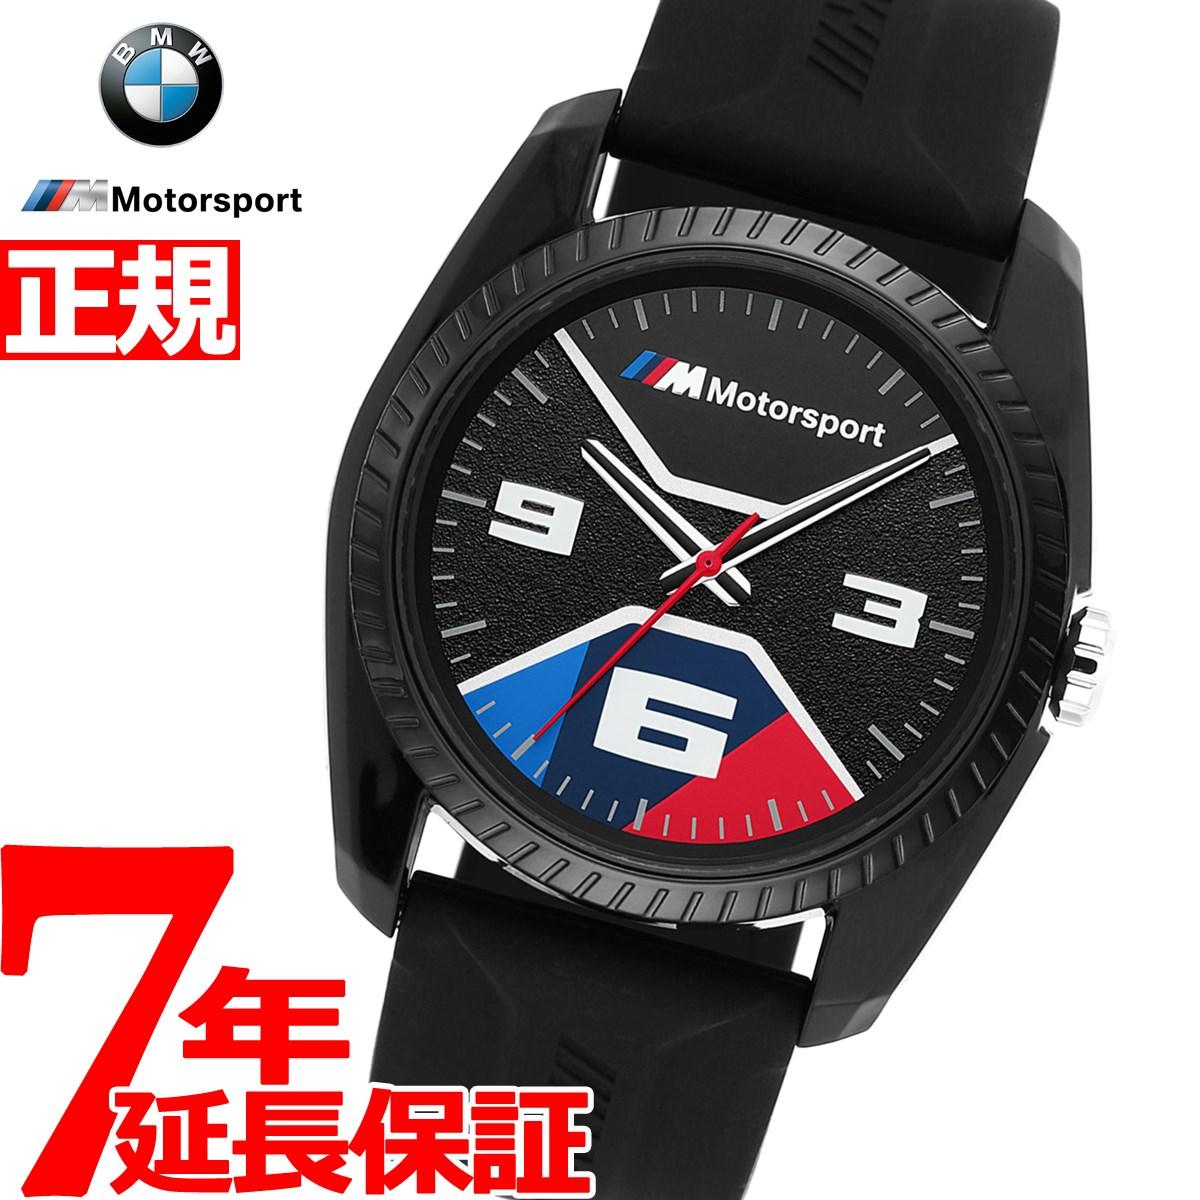 【5日0時~♪最大2000円OFFクーポン&店内ポイント最大51倍!5日23時59分まで】BMW 腕時計 メンズ Mモータースポーツ M MOTORSPORT BMW1003【2020 新作】